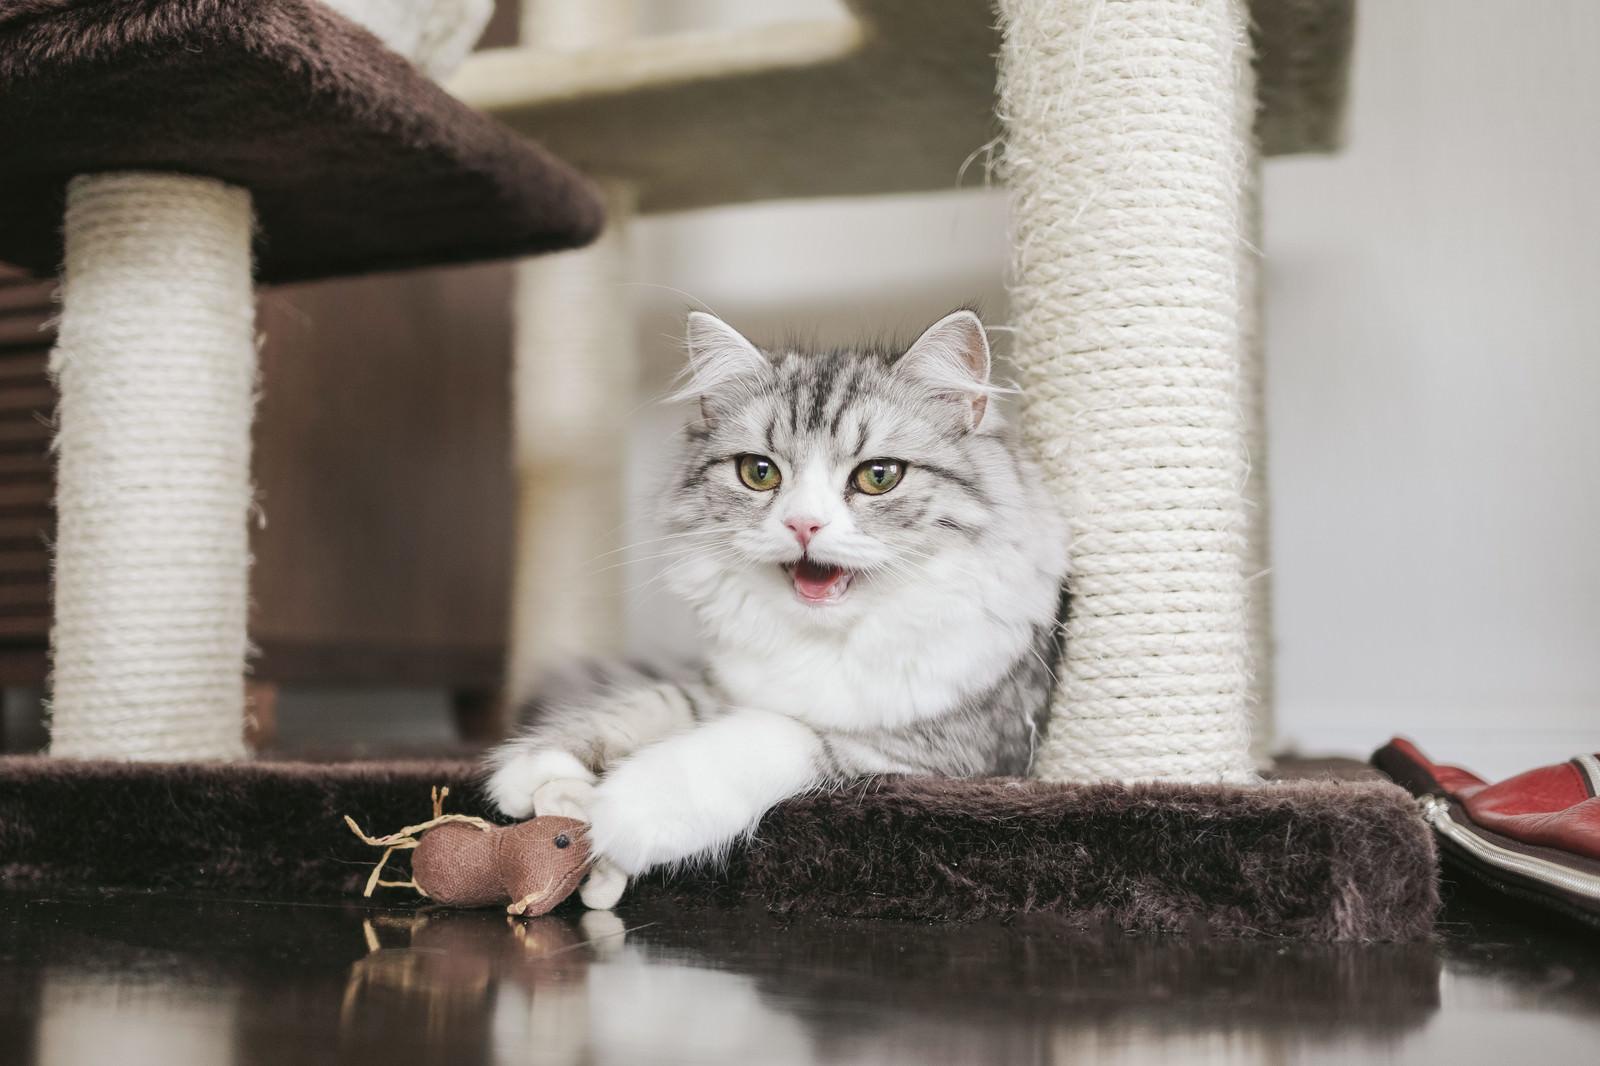 「ネズミのおもちゃで遊び疲れたメス猫(スコティッシュフォールド) | 写真の無料素材・フリー素材 - ぱくたそ」の写真